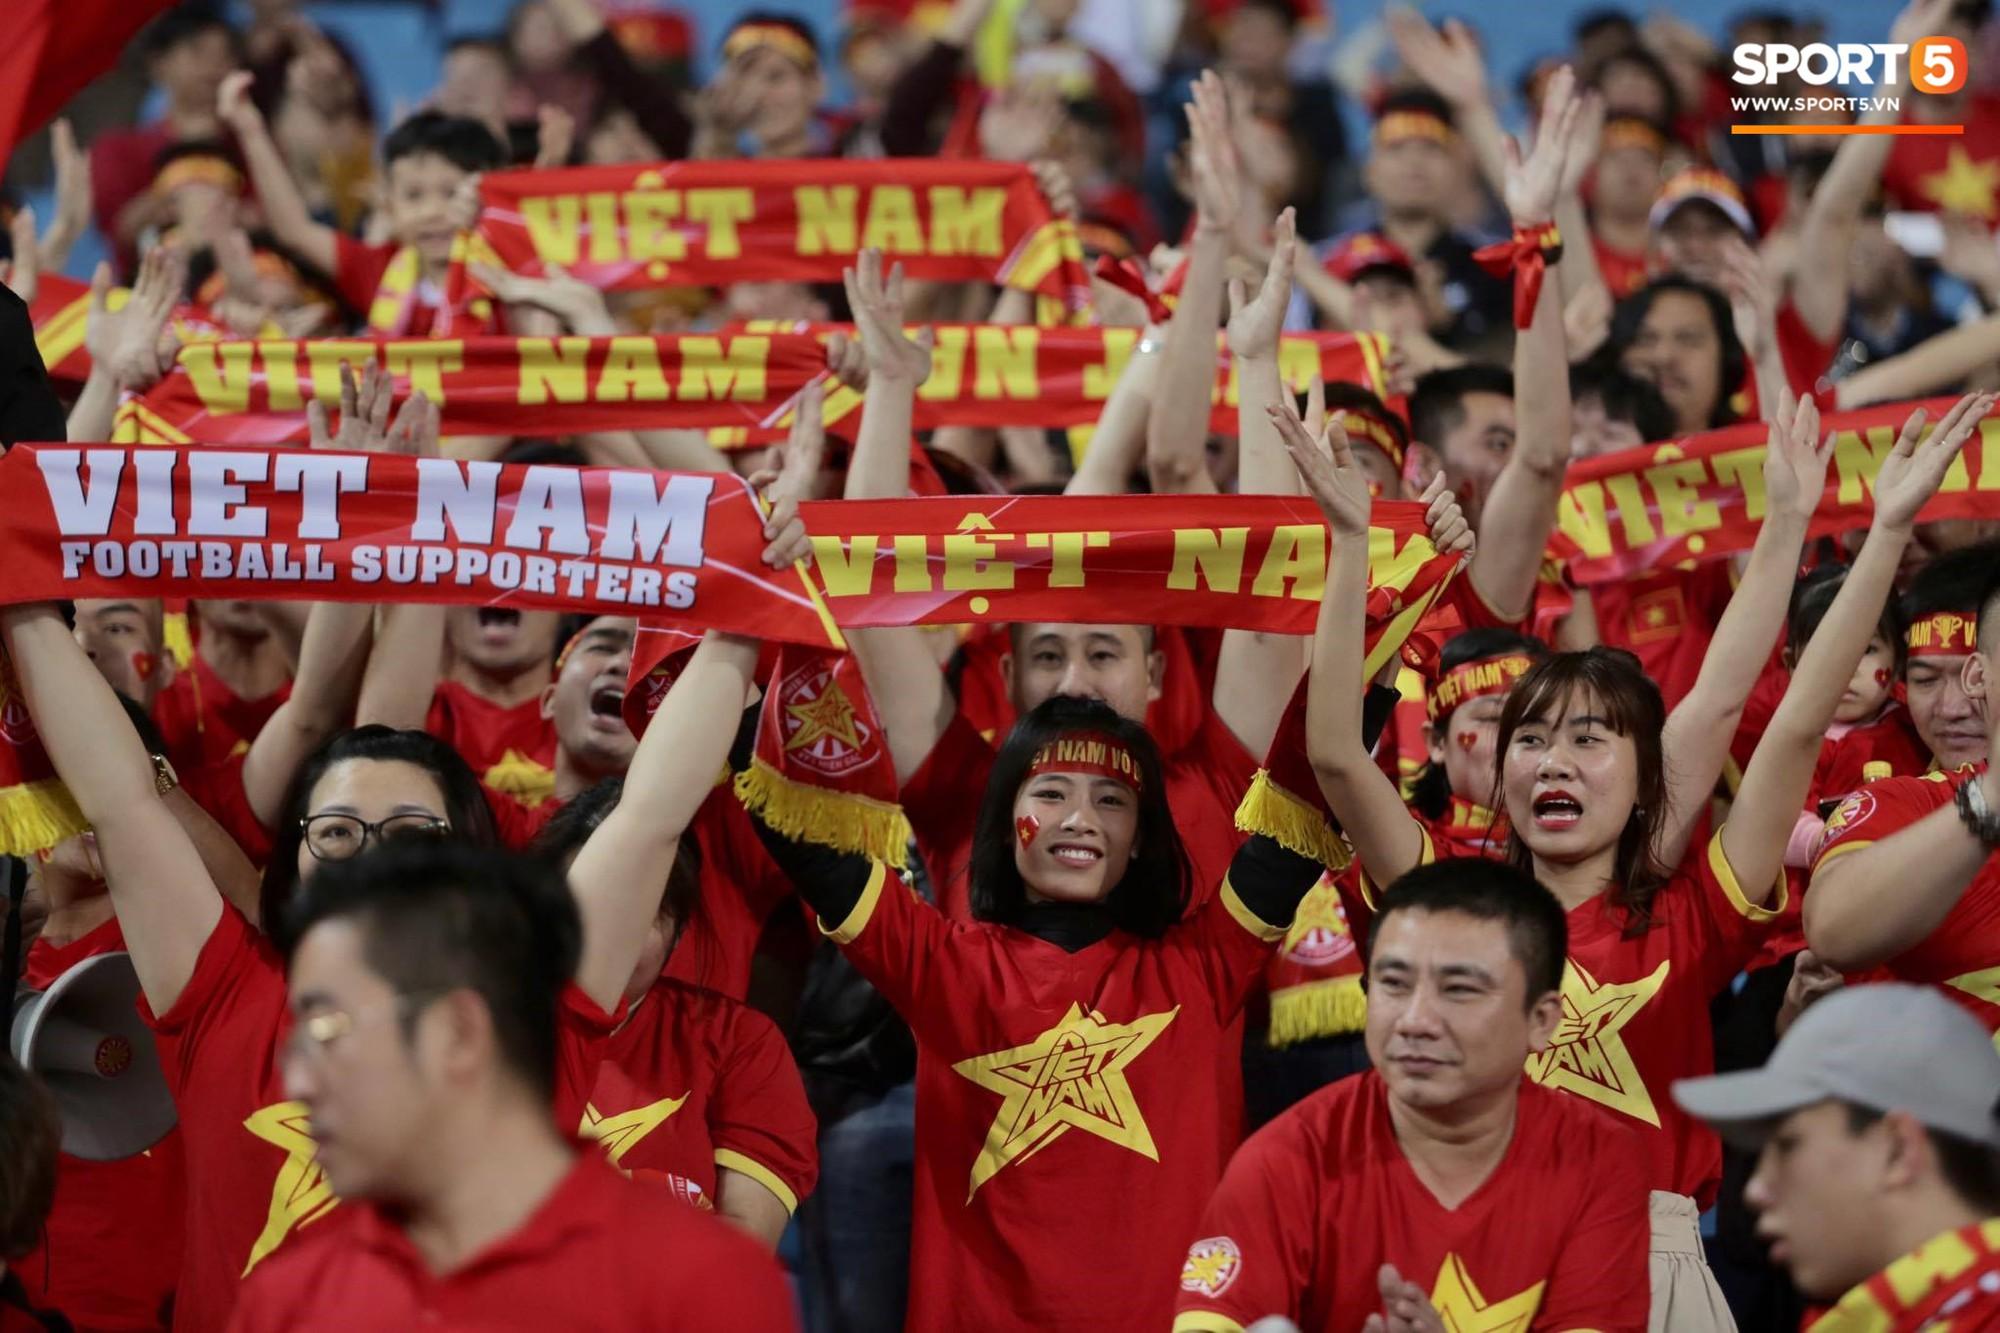 Bóng đá Thái Lan chịu thất bại nặng nề nhất trong lịch sử đối đầu với Việt Nam - Ảnh 6.